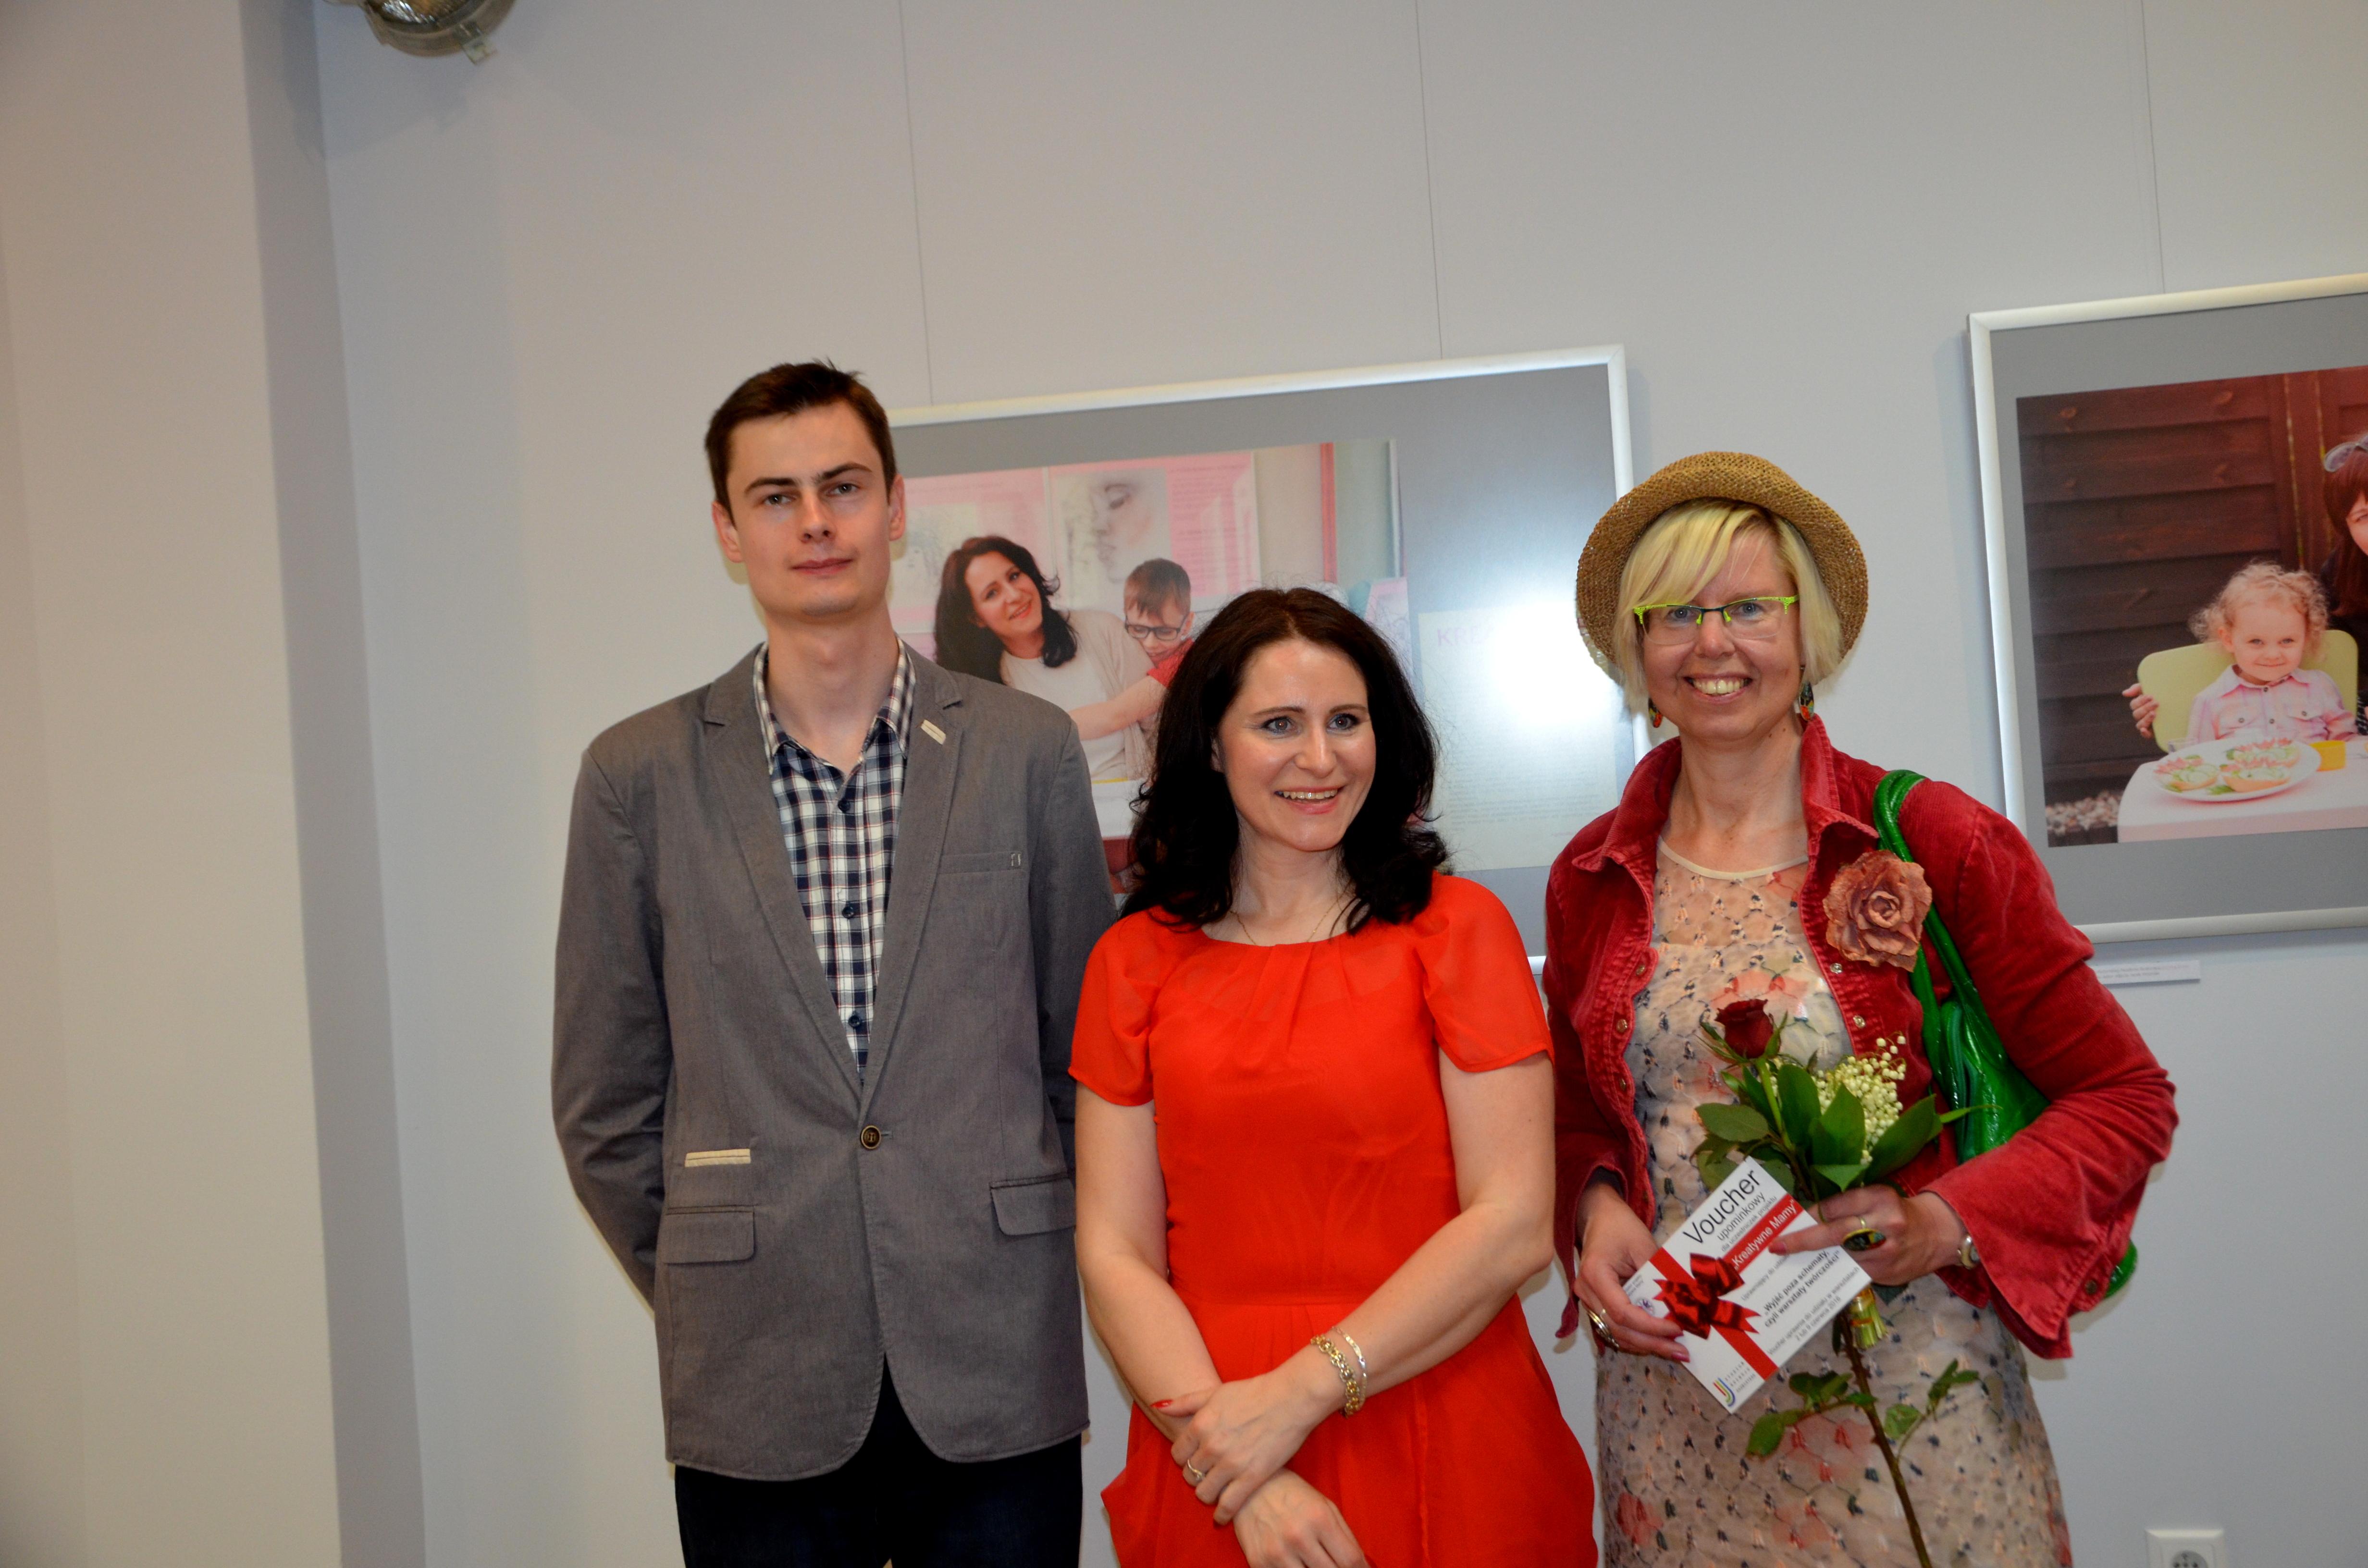 Z Zofią Wojciechowską i jej synem